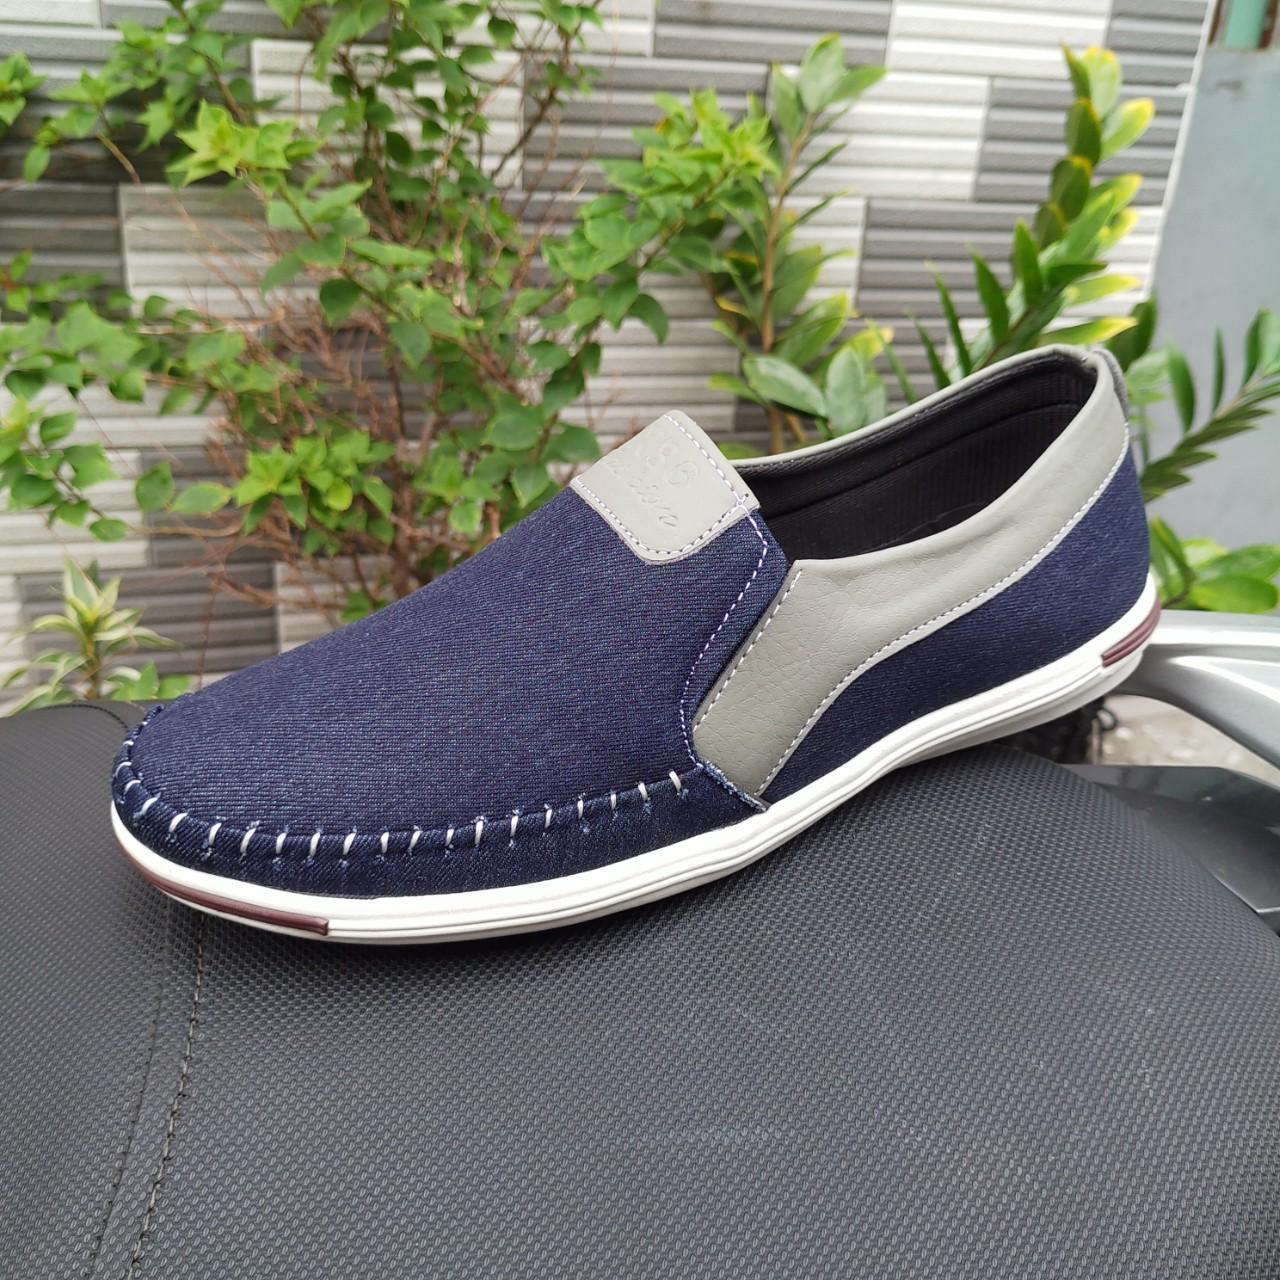 Mã Khuyến Mãi Khi Mua Giày Lười Nam Thời Trang Vải Bố Cao Cấp 4 Màu đen - Nâu -kem - Xanh